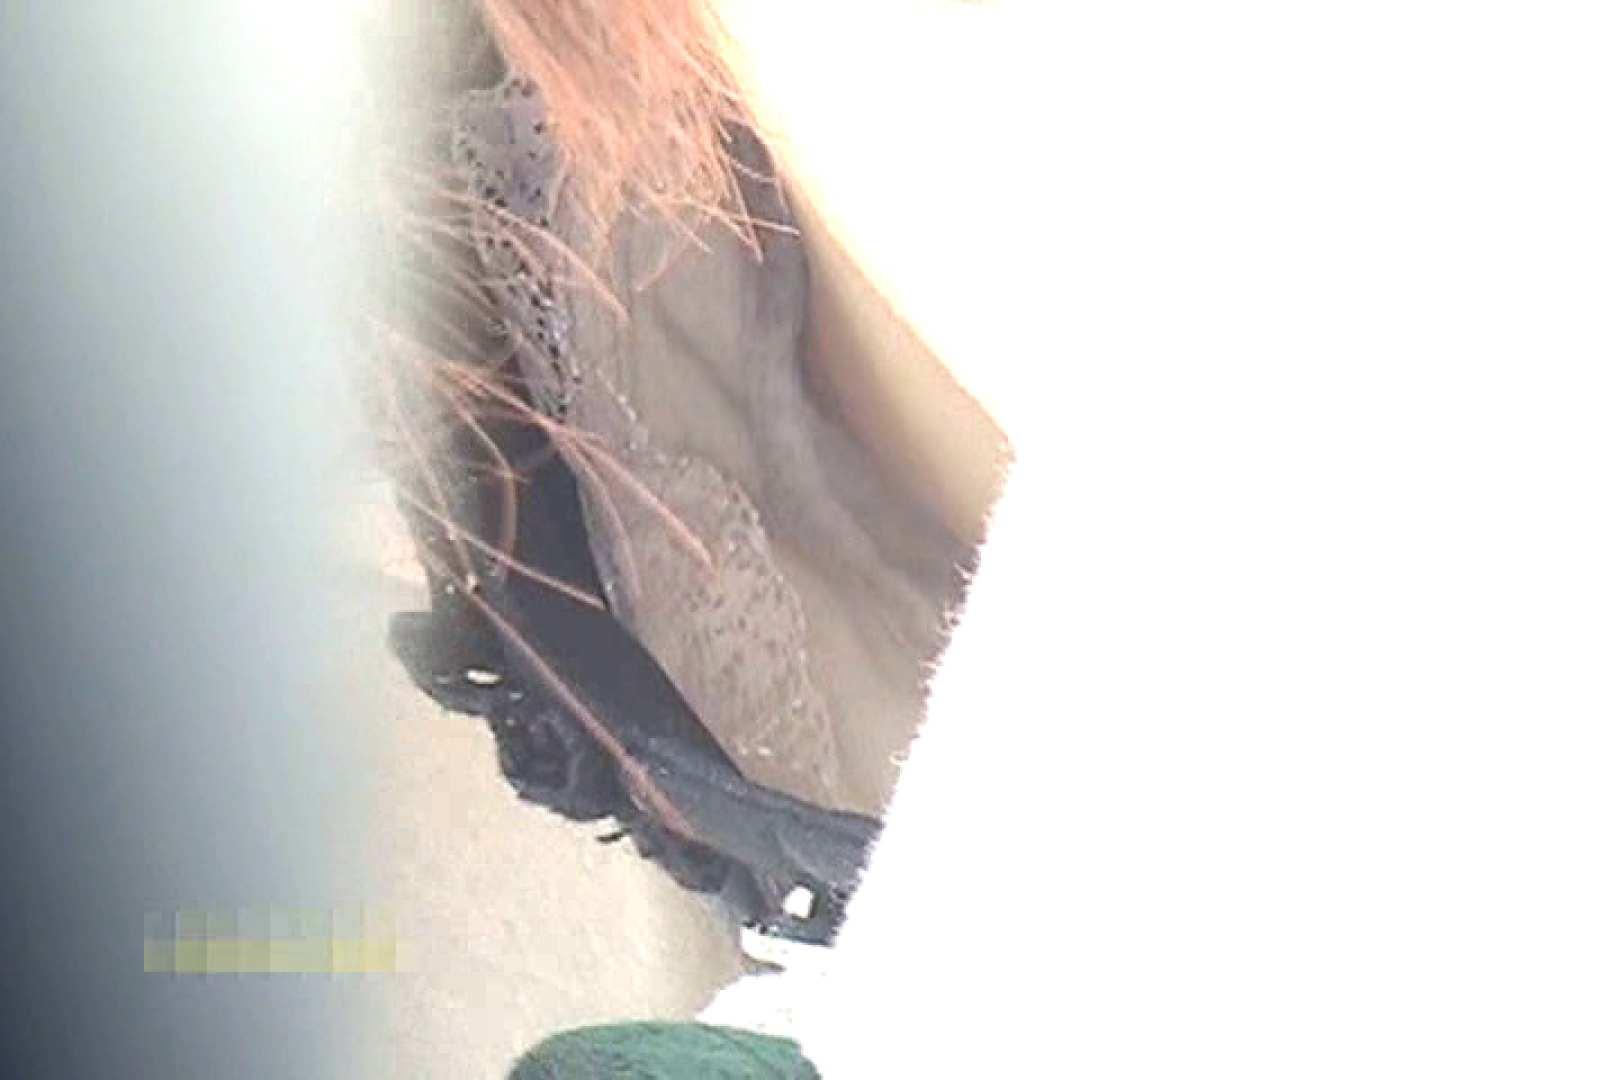 徘徊撮り!!街で出会った乳首たちVol.2 チラ 覗きぱこり動画紹介 61PICs 38